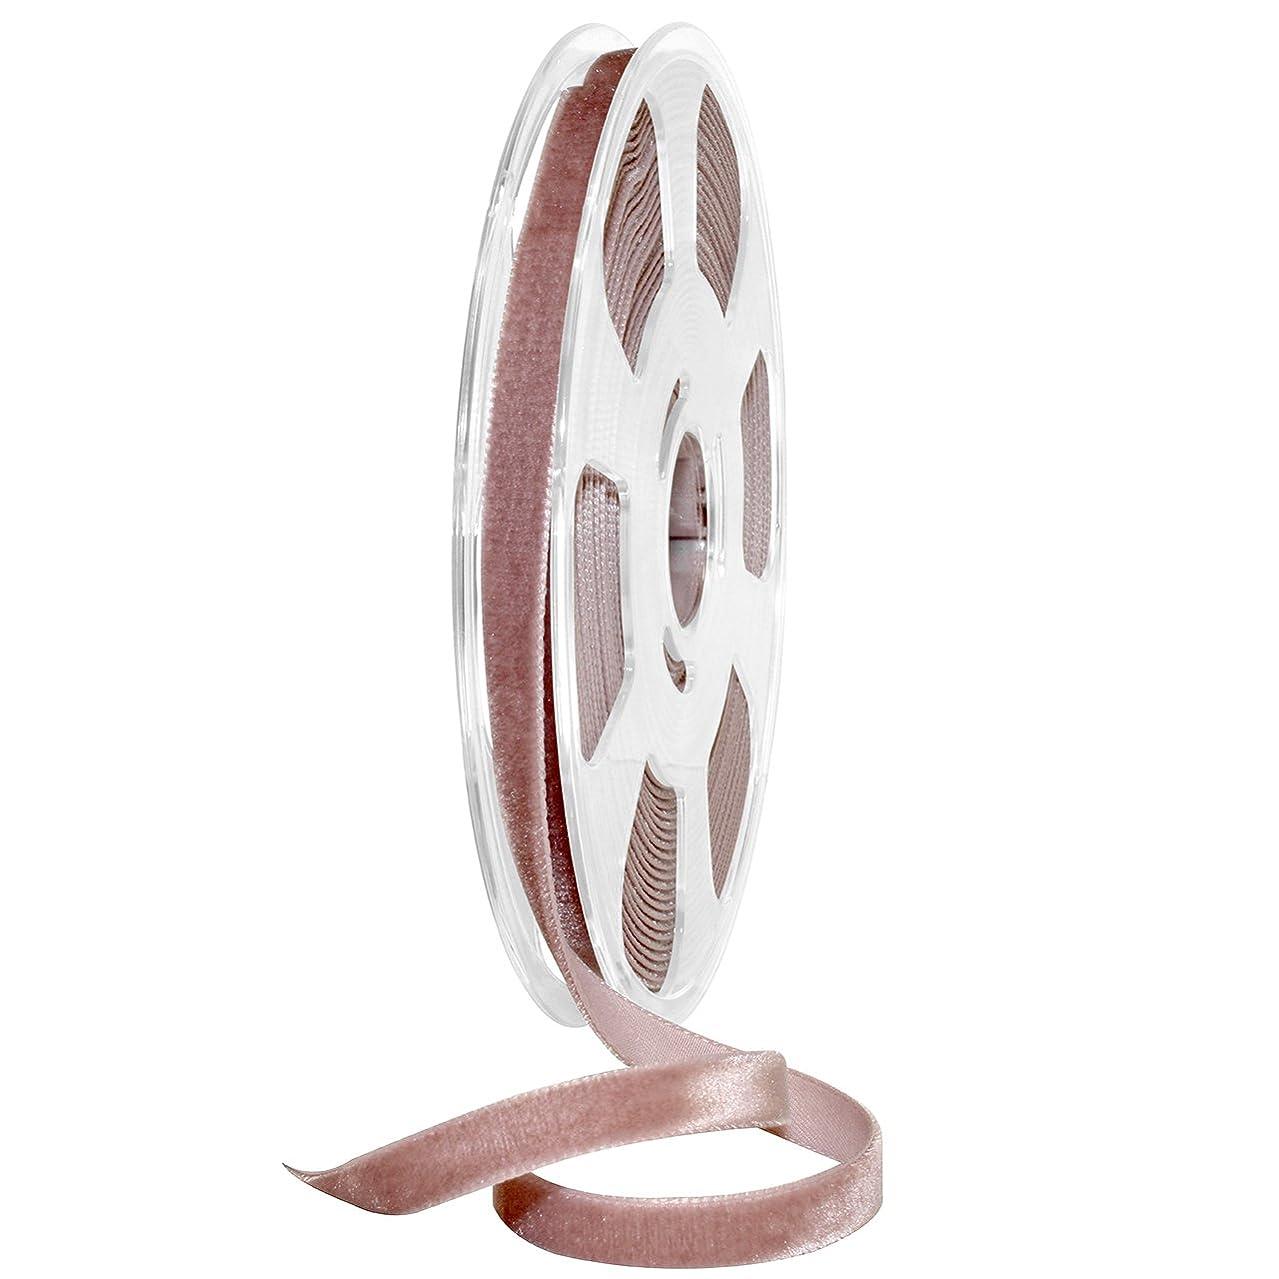 Morex Ribbon Nylvalour Velvet Ribbon, Nylon, 3/8 inch by 11 Yards, Rosy Mauve, Item 01210/10-263, 3/8